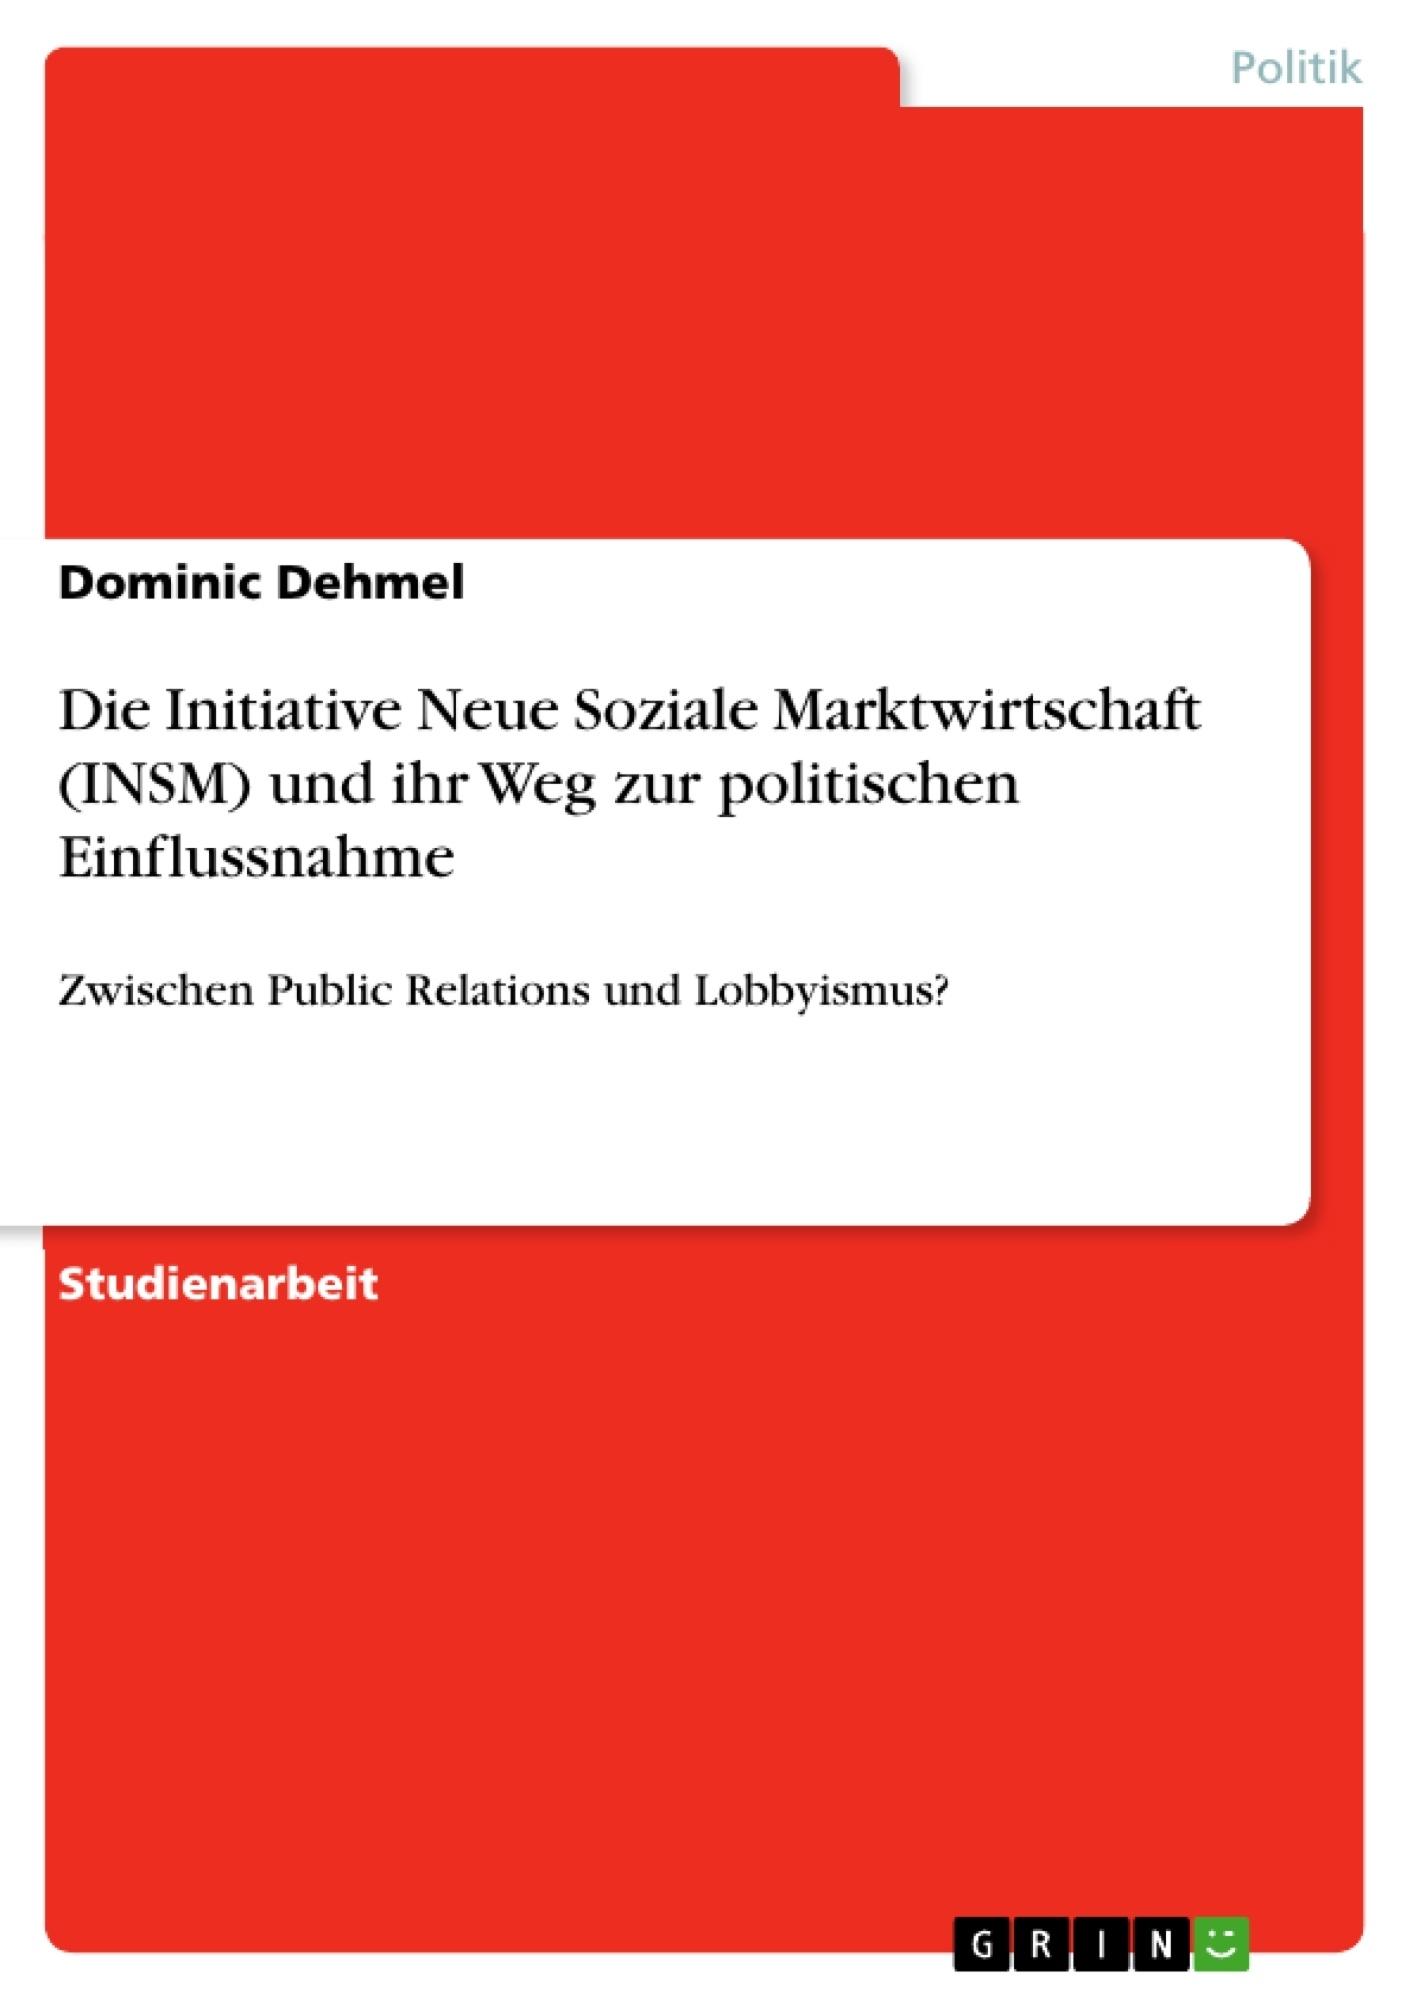 Titel: Die Initiative Neue Soziale Marktwirtschaft (INSM) und ihr Weg zur politischen Einflussnahme